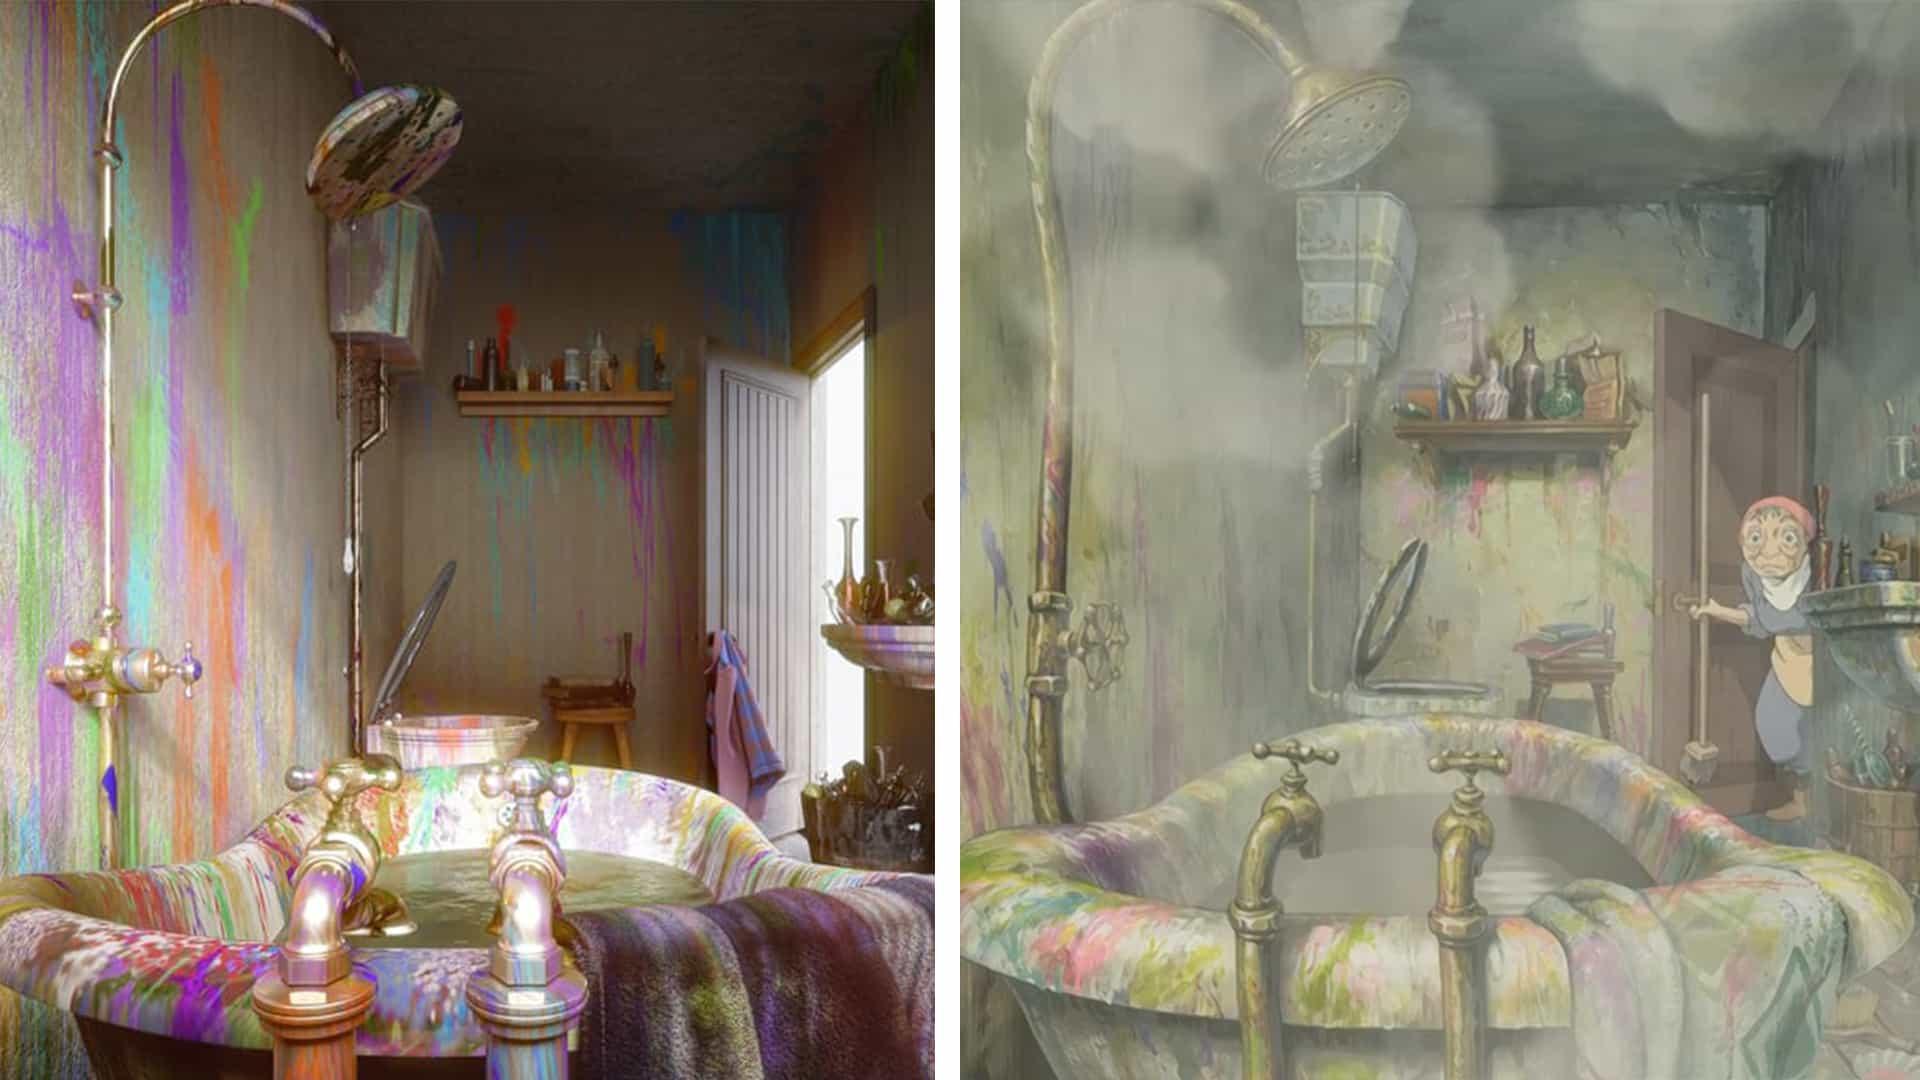 Las habitaciones de Studio Ghibli de la vida real son objetivos serios del diseño de interiores